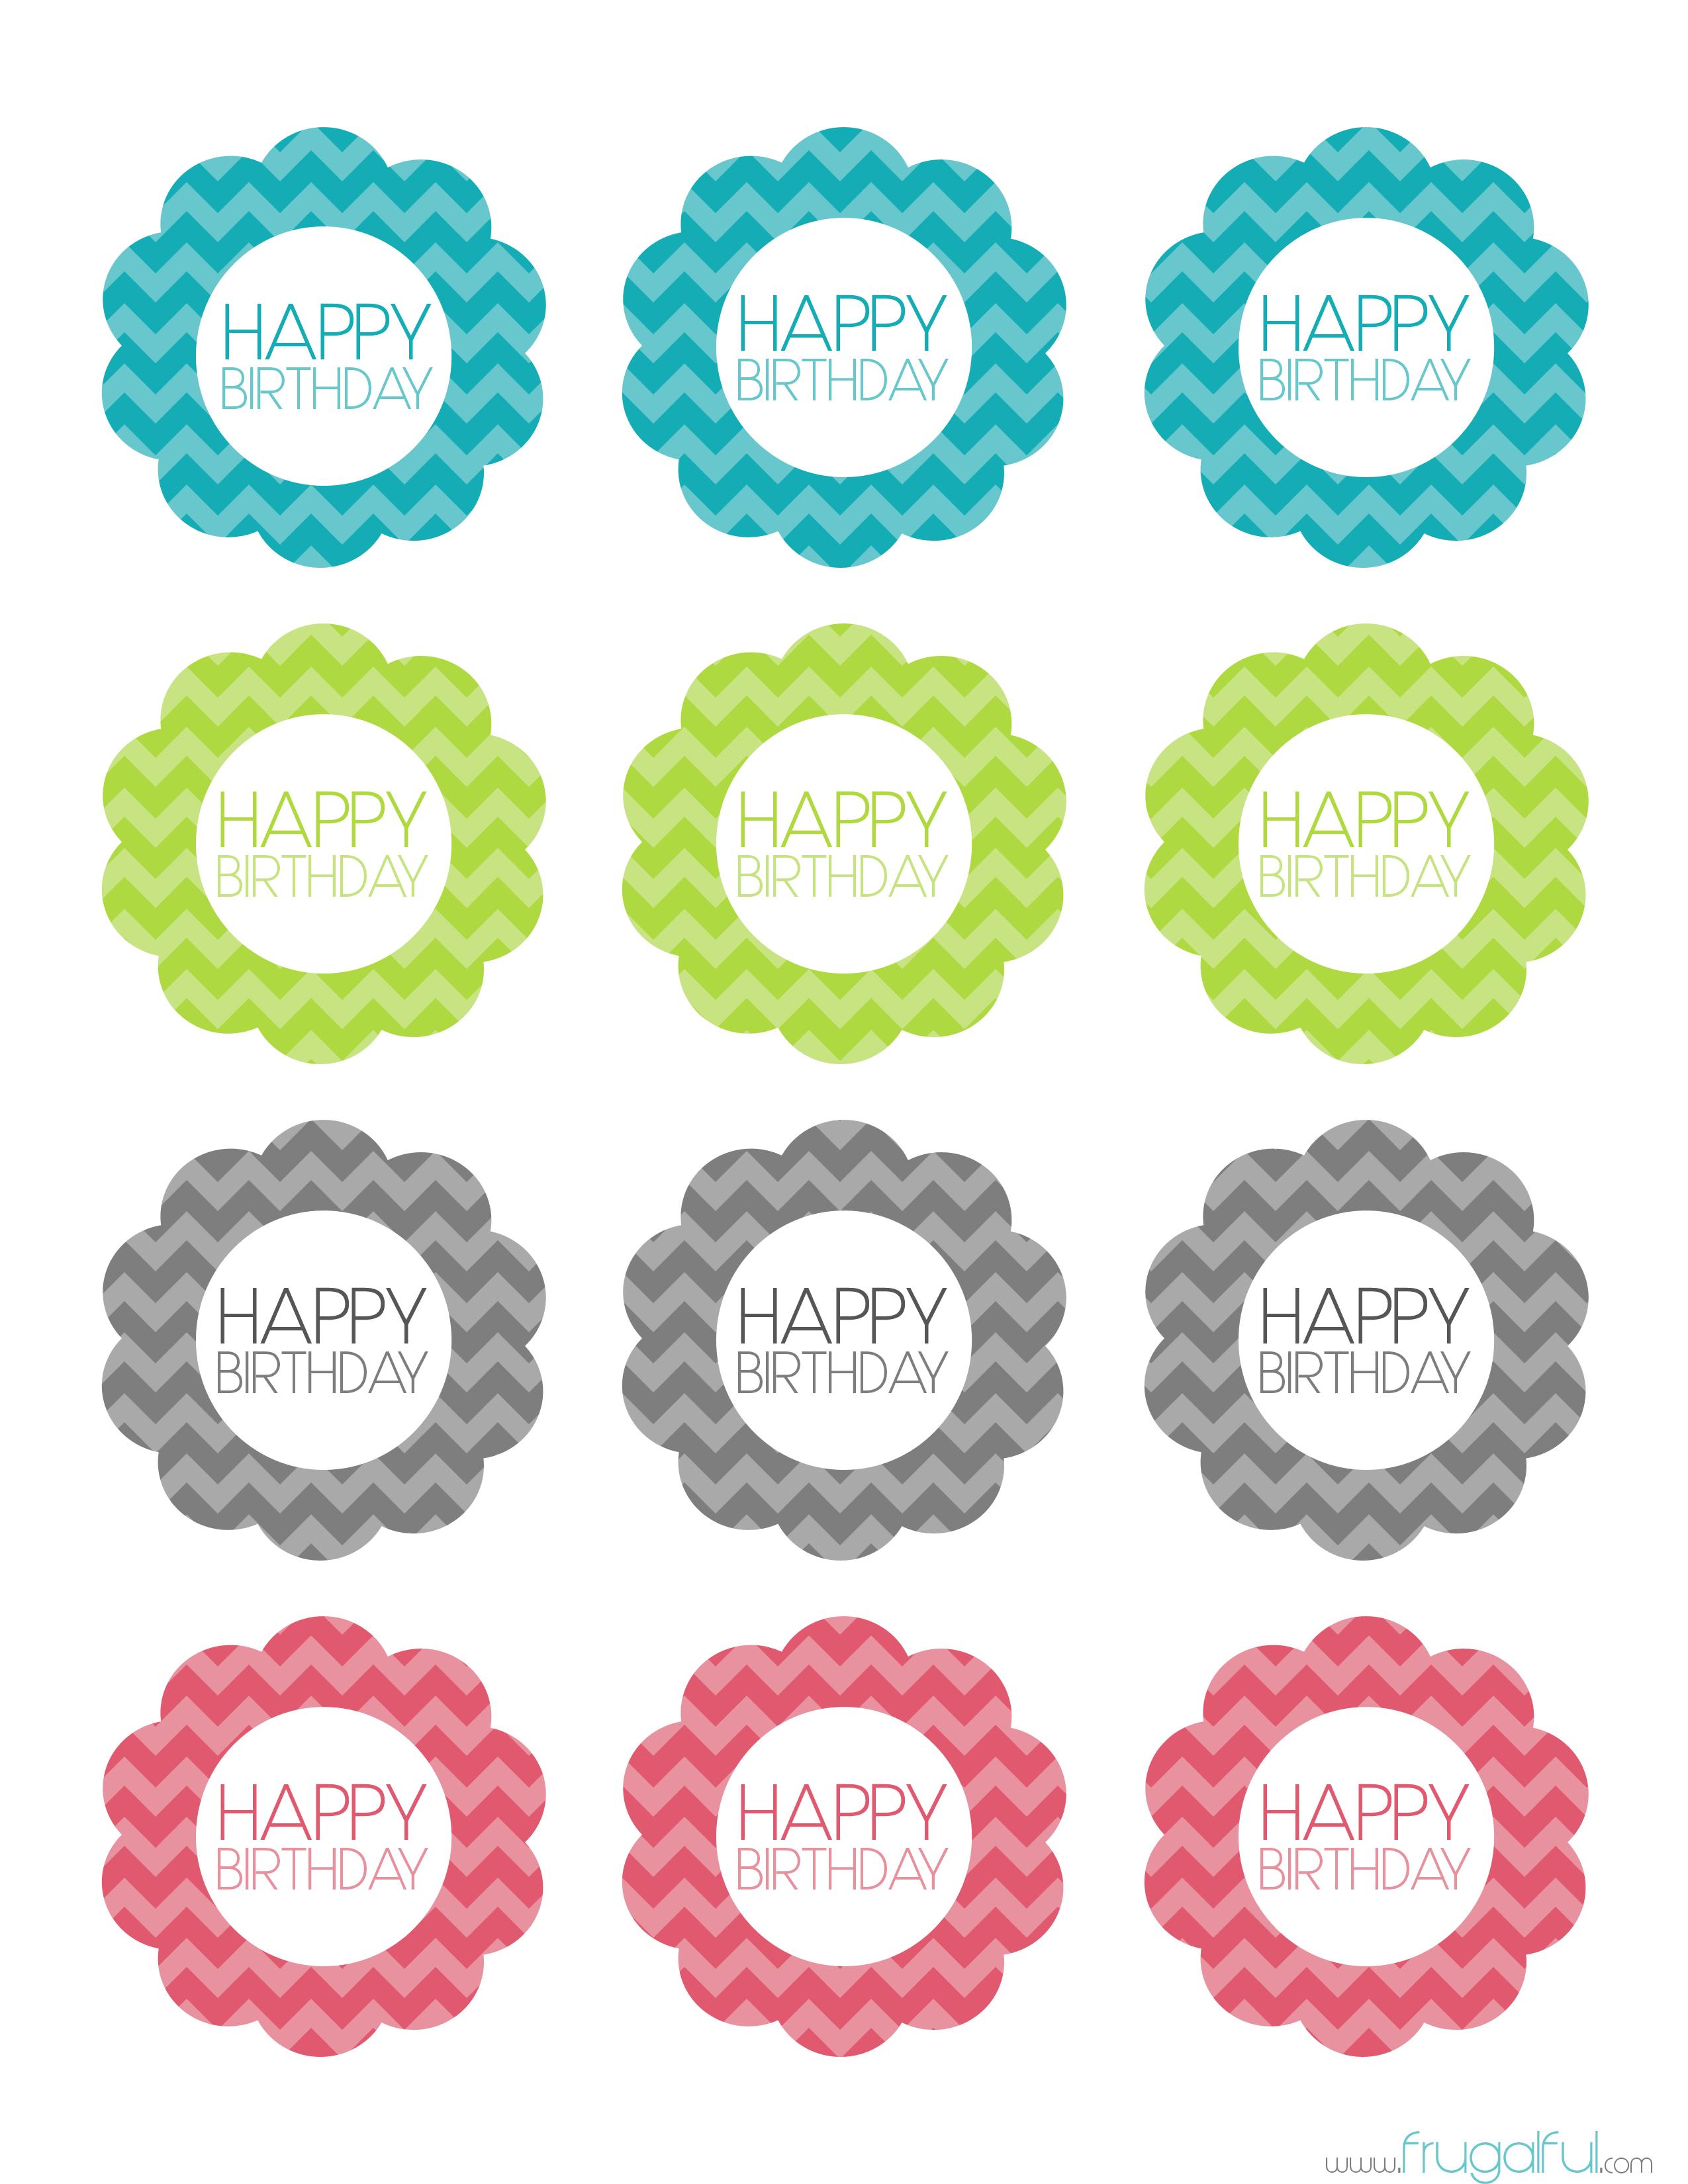 Free Printable Chevron Birthday Cupcake Topper | Frugalful | Par - Free Printable Birthday Tag Templates